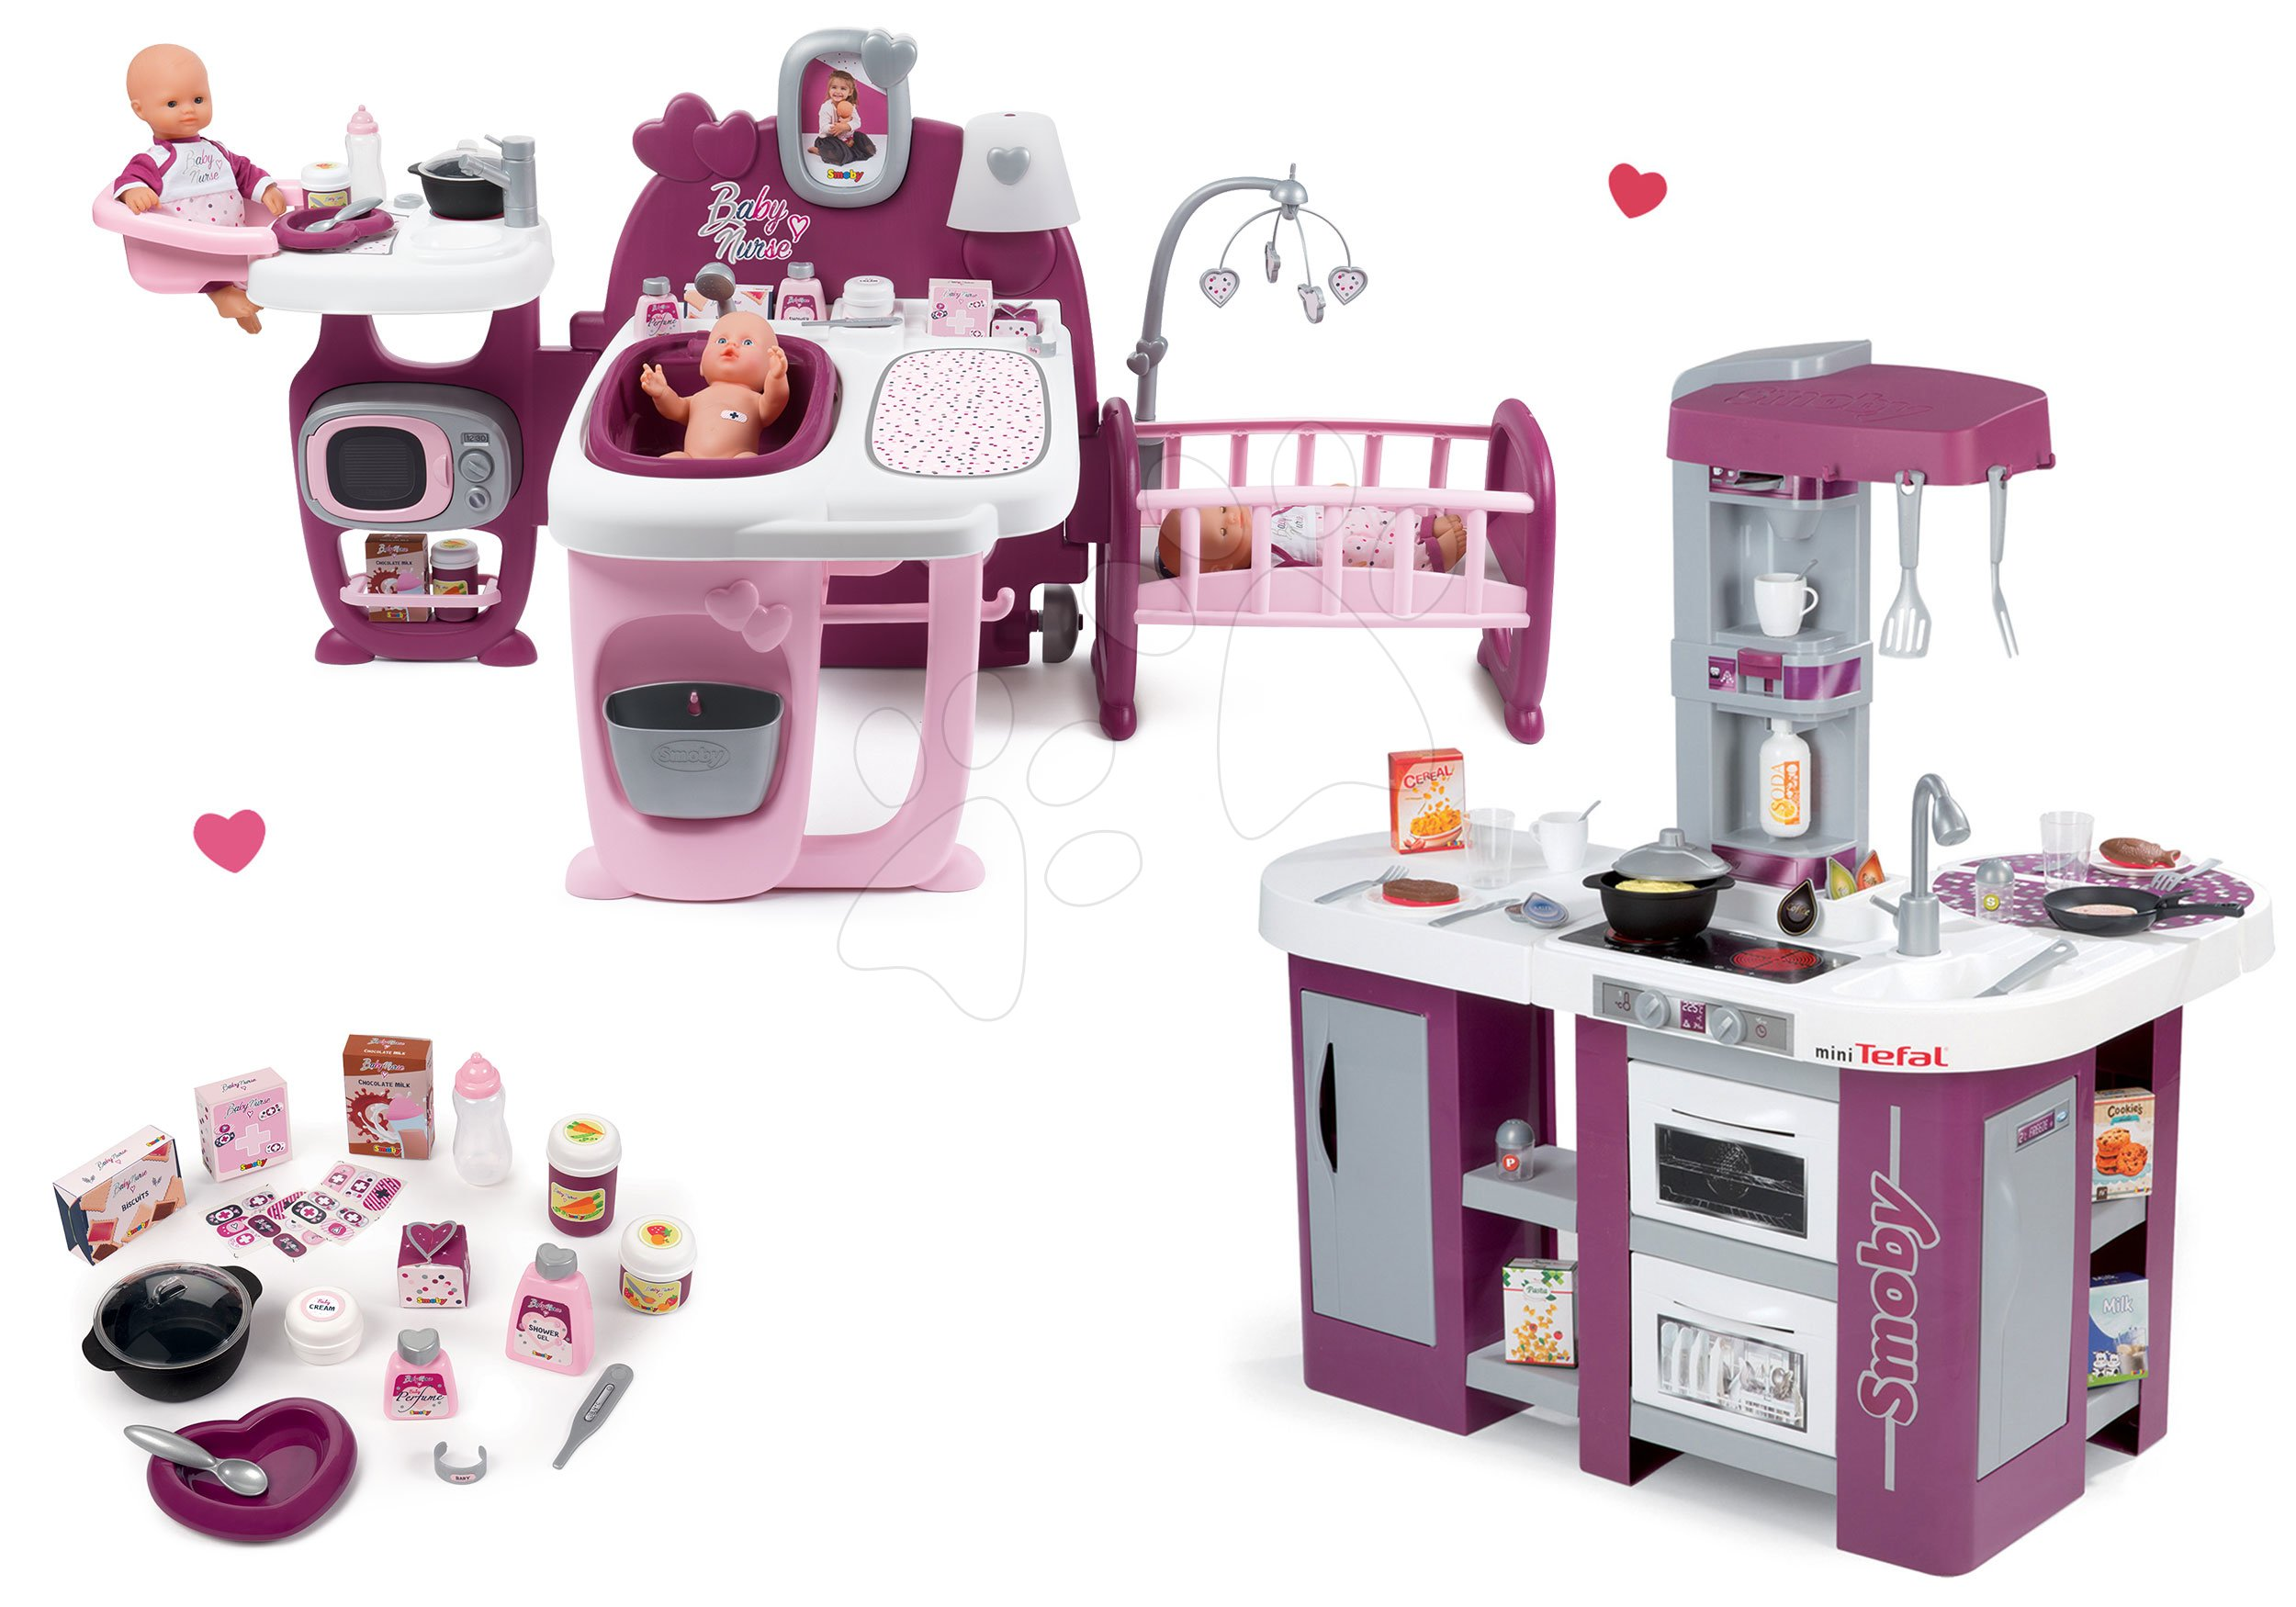 Set domček pre bábiku Violette Baby Nurse Large Doll's Play Center Smoby a kuchynka Tefal Studio XL elektronická